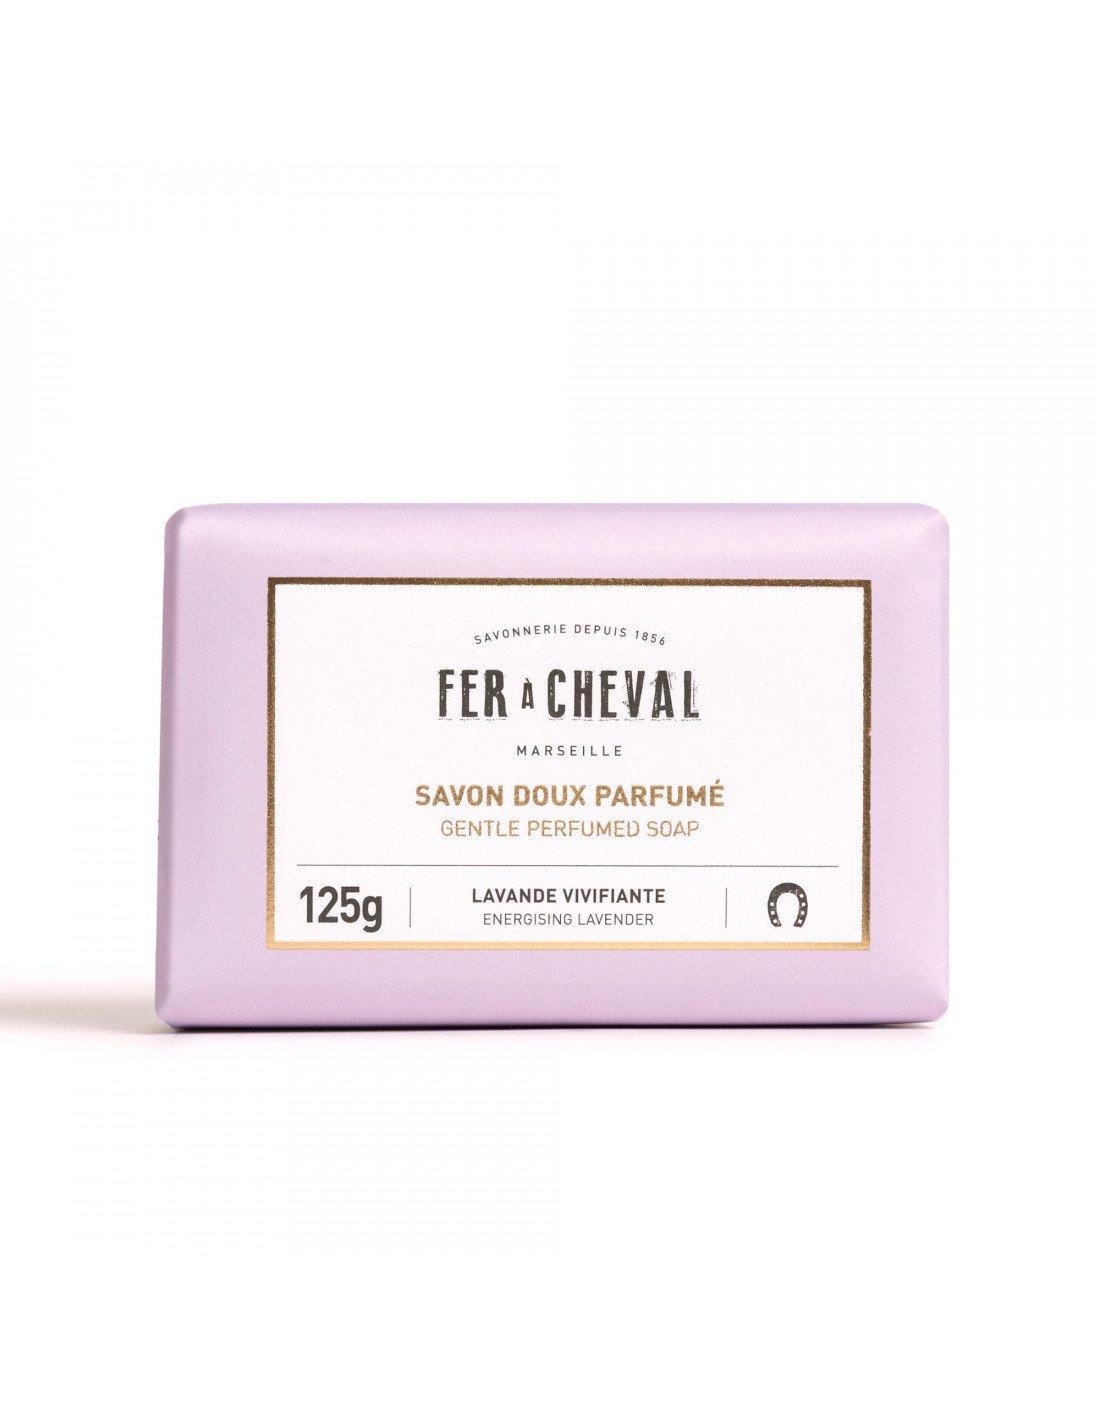 Savon parfum extra doux surgras lavande vivifiante 125g for Fer a cheval savon de marseille